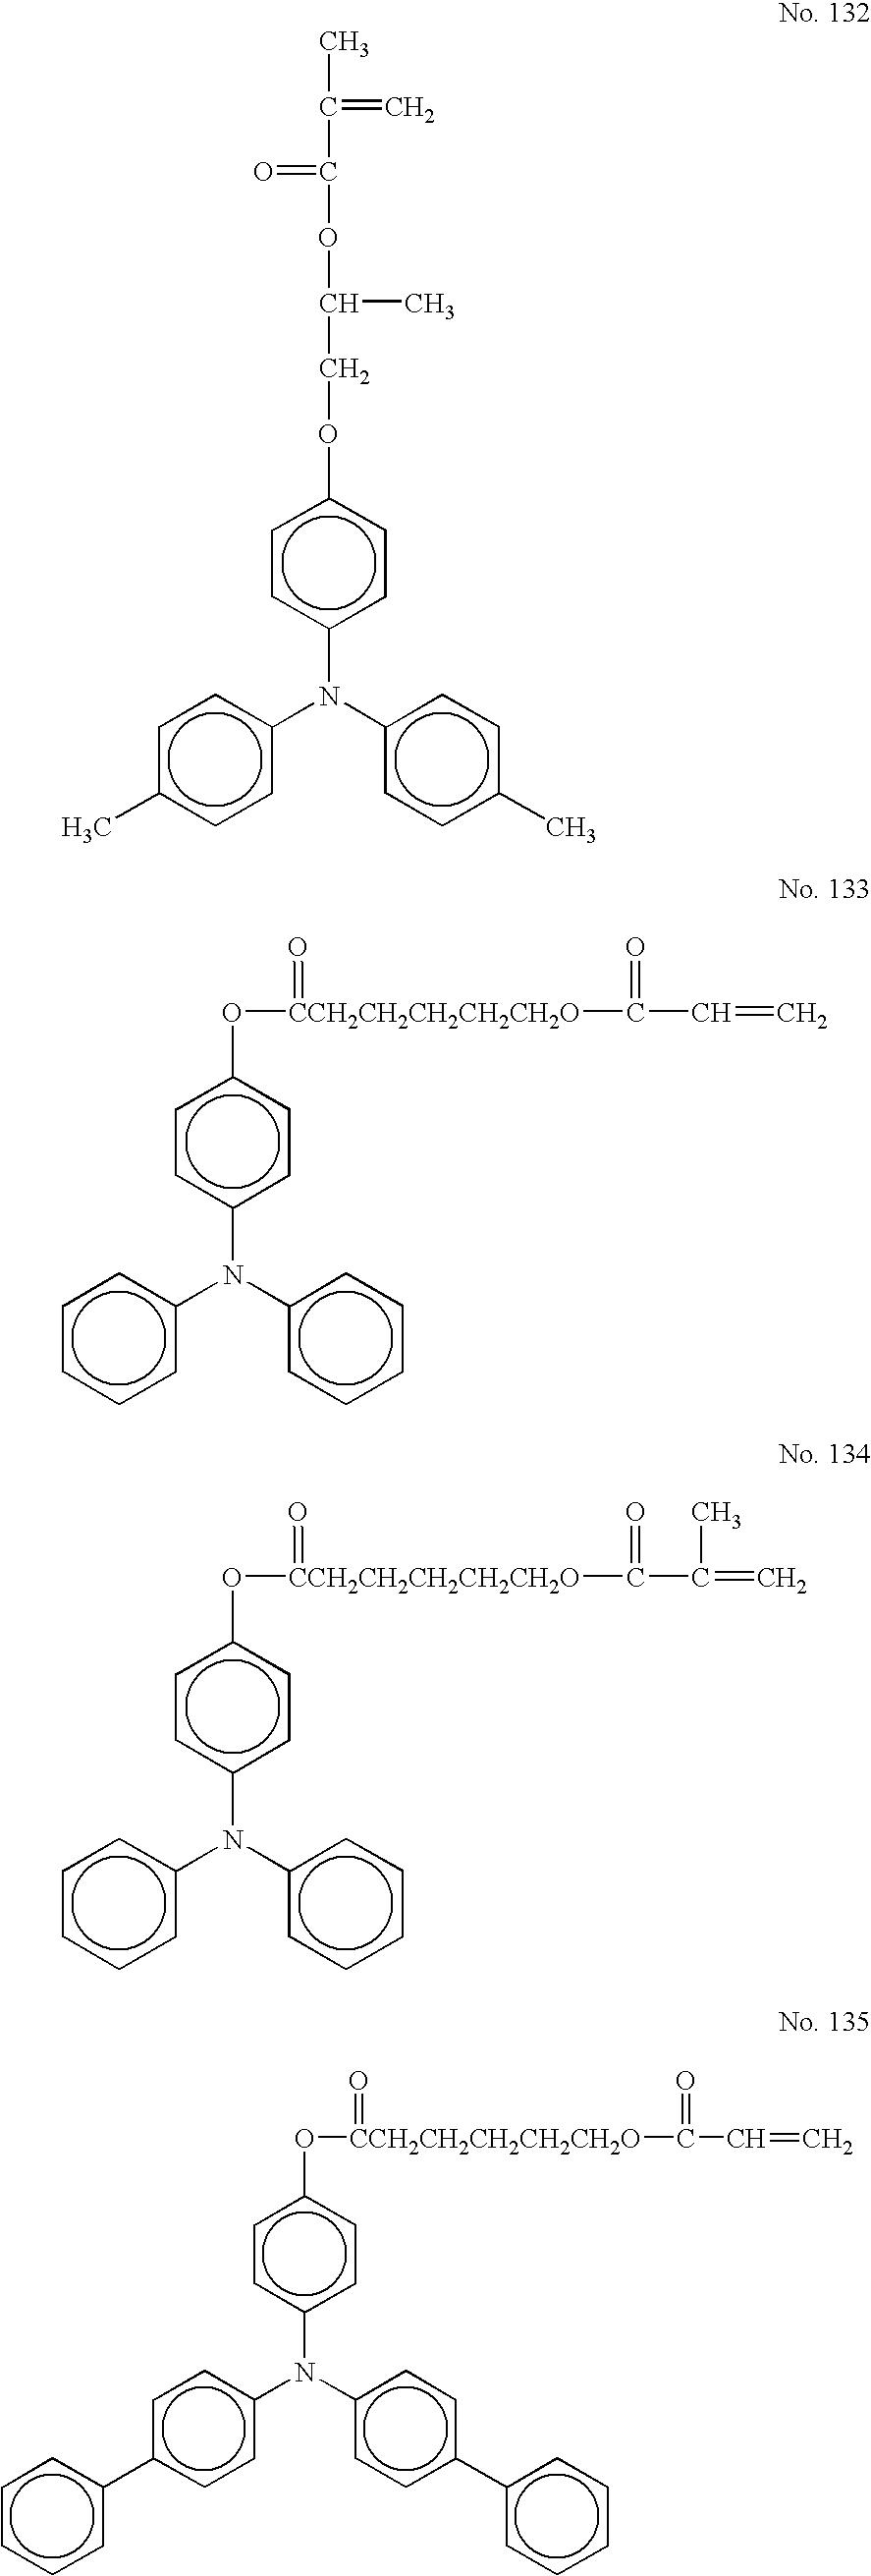 Figure US20050175911A1-20050811-C00048